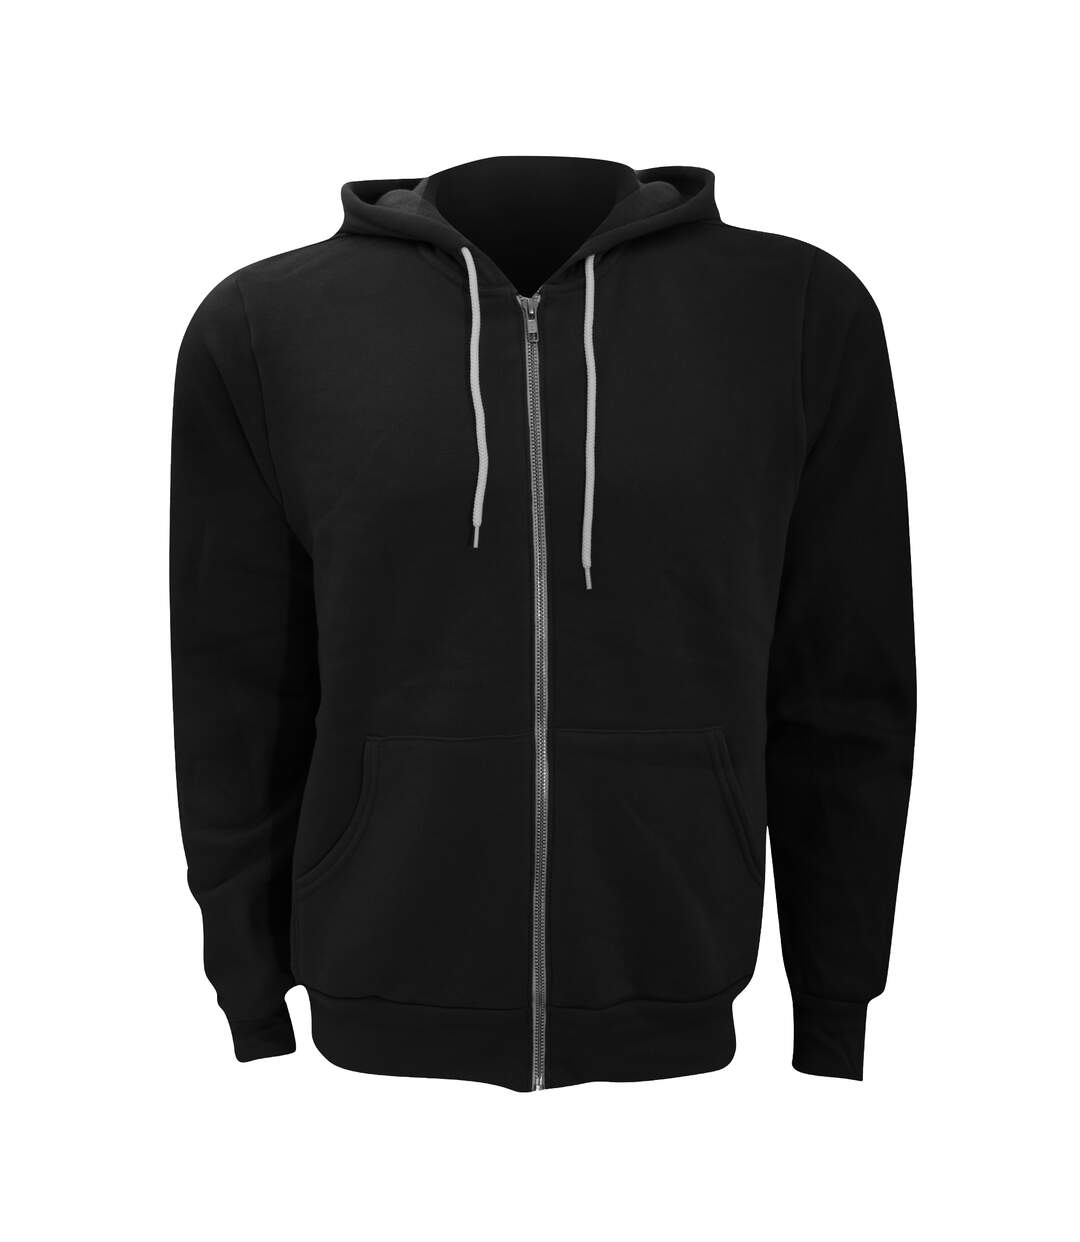 Canvas Unixex Zip-up Polycotton Fleece Hooded Sweatshirt / Hoodie (Black) - UTBC1337